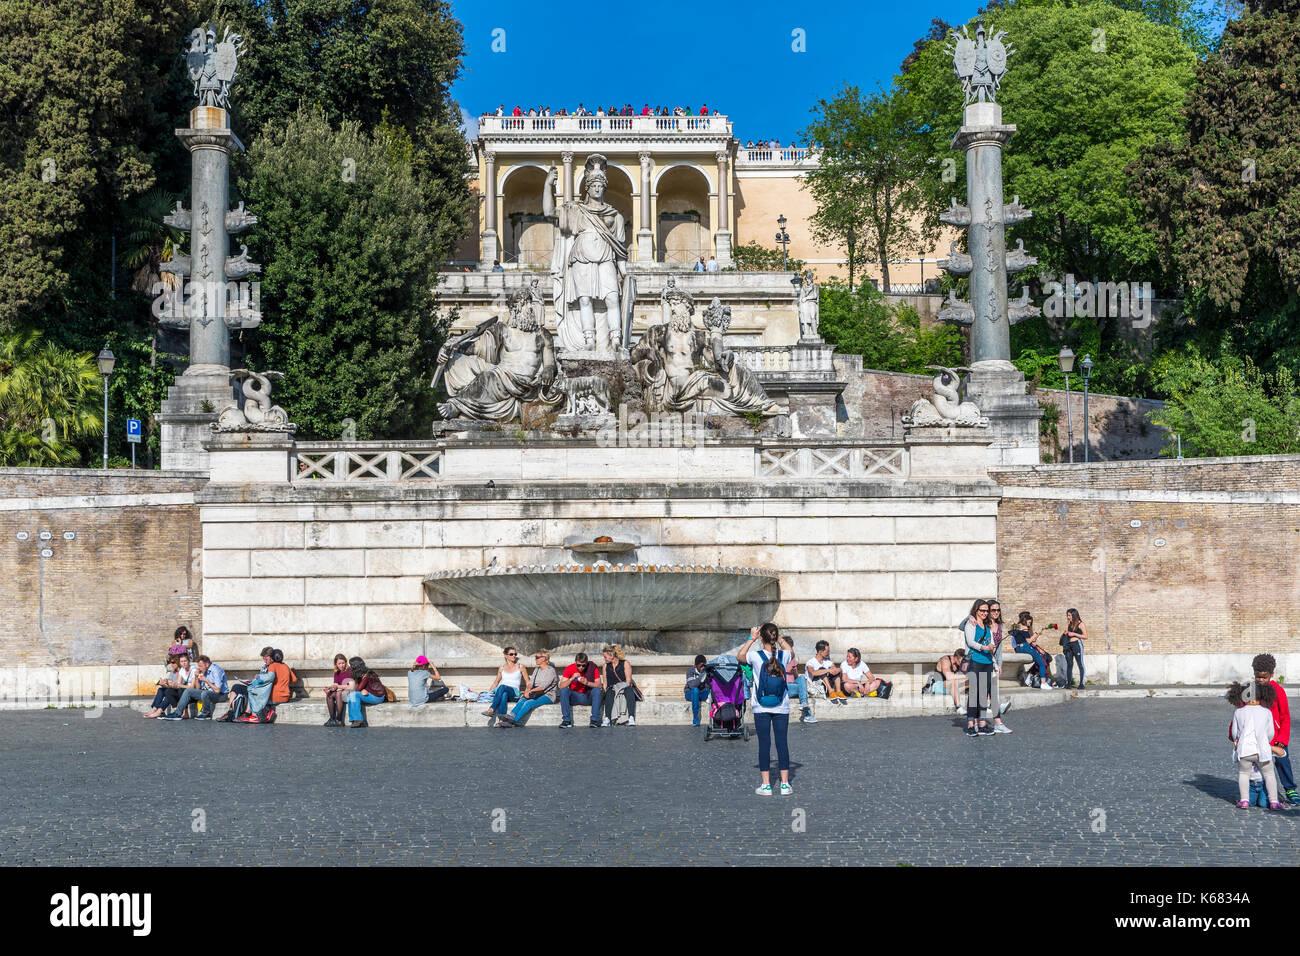 Fontana Della Dea Di Roma And Terrazza Del Pincio Seen From